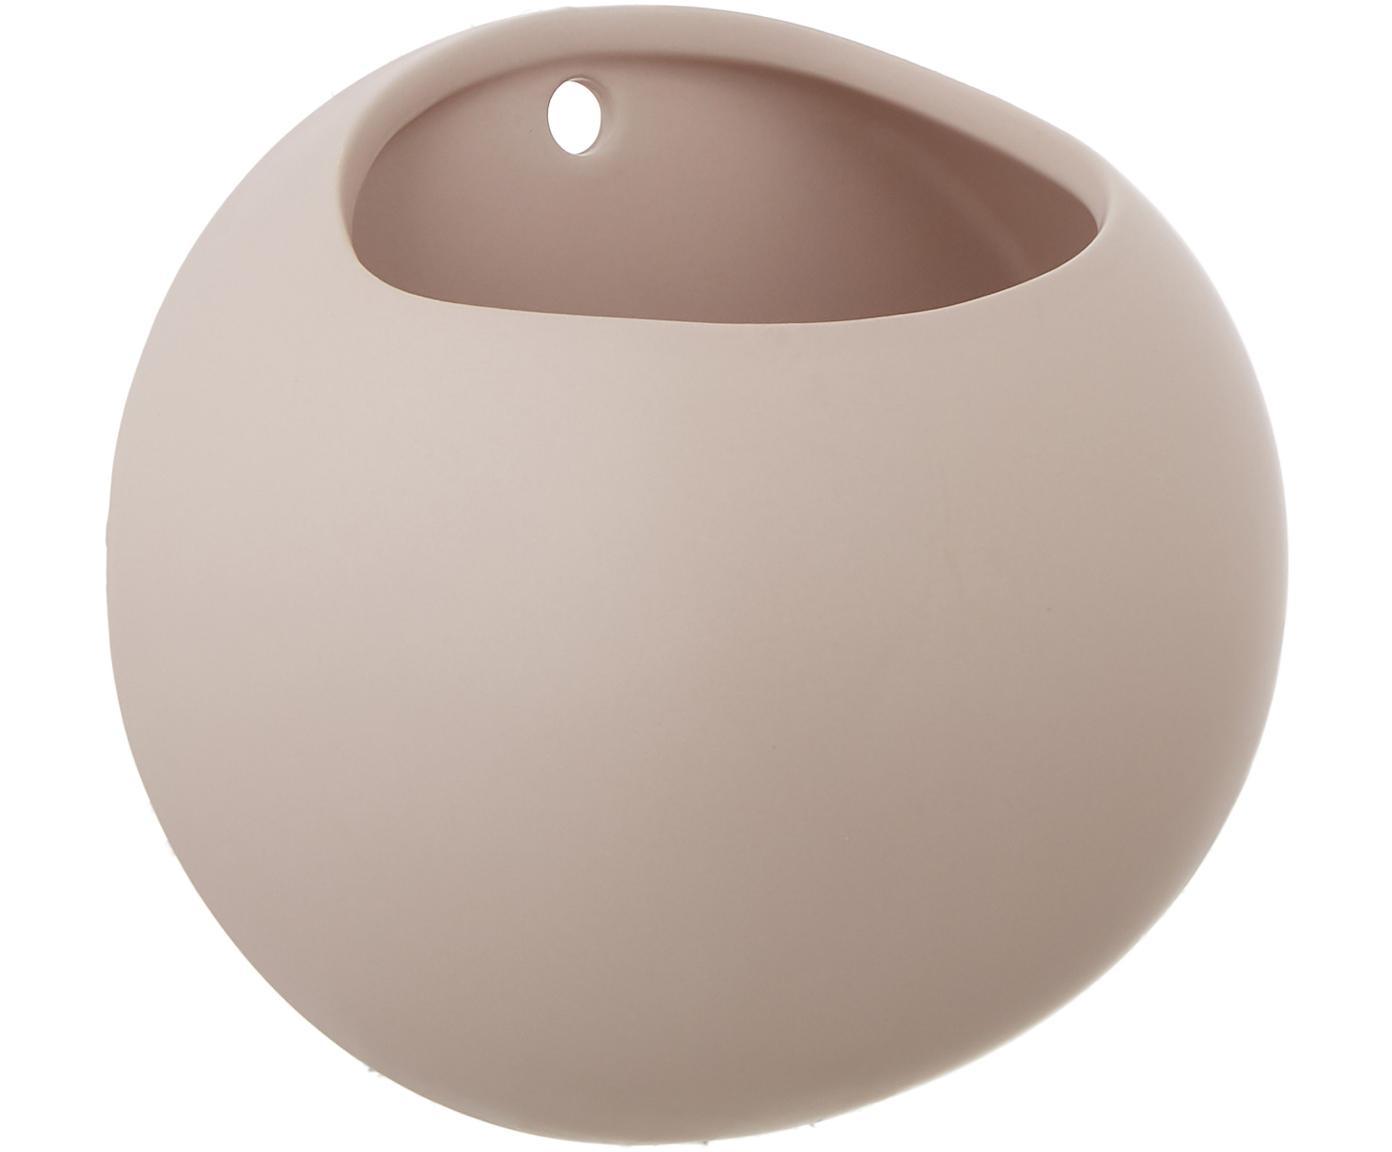 Portavaso da parete Globe, Ceramica, Rosa, Ø 15 x Alt. 10 cm